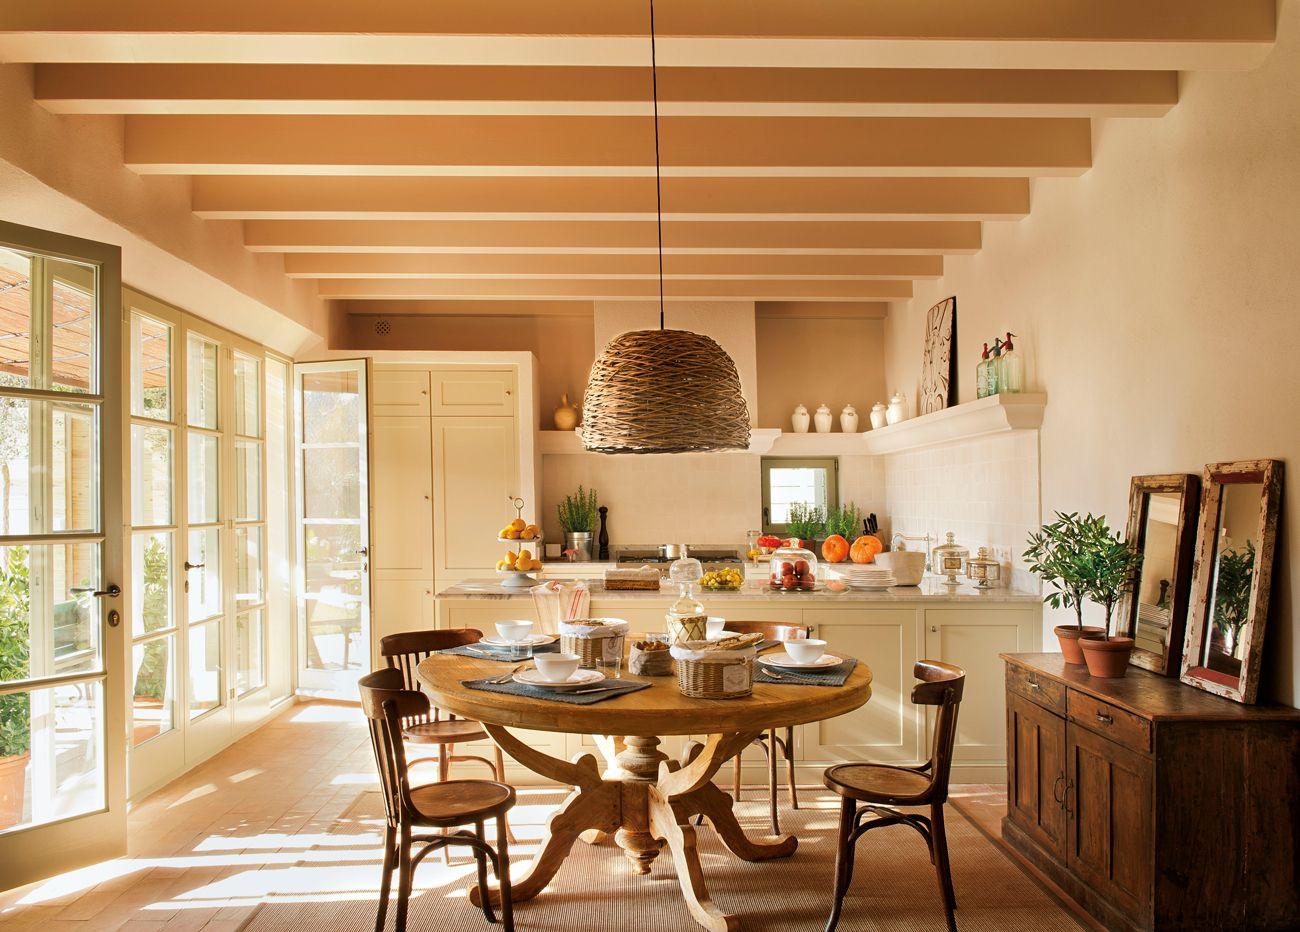 Comedor Y Cocina En Casa R Stica De Color Arena Y Muebles De  # Muebles Faciles Liniers